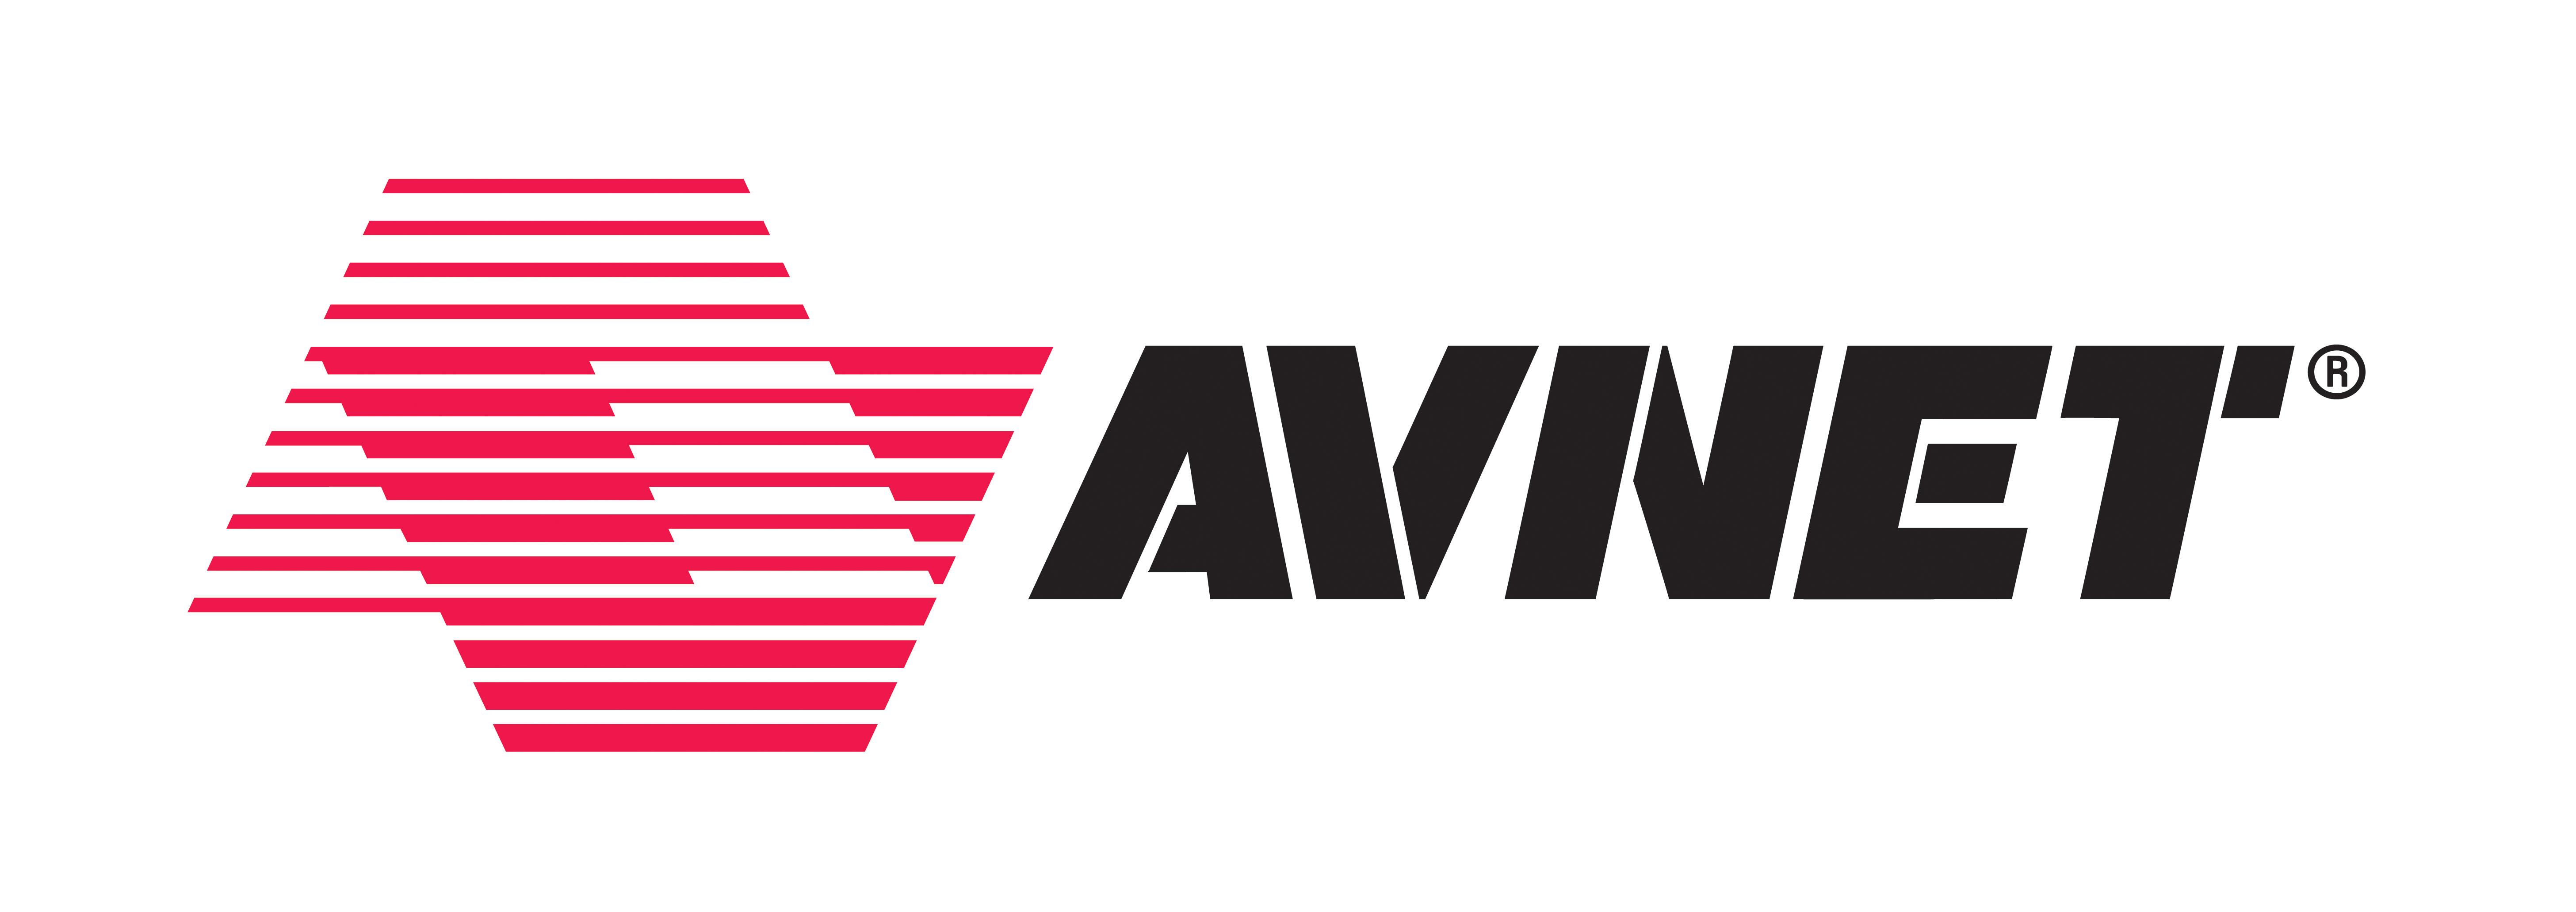 avnet_logo_High_Res.jpg